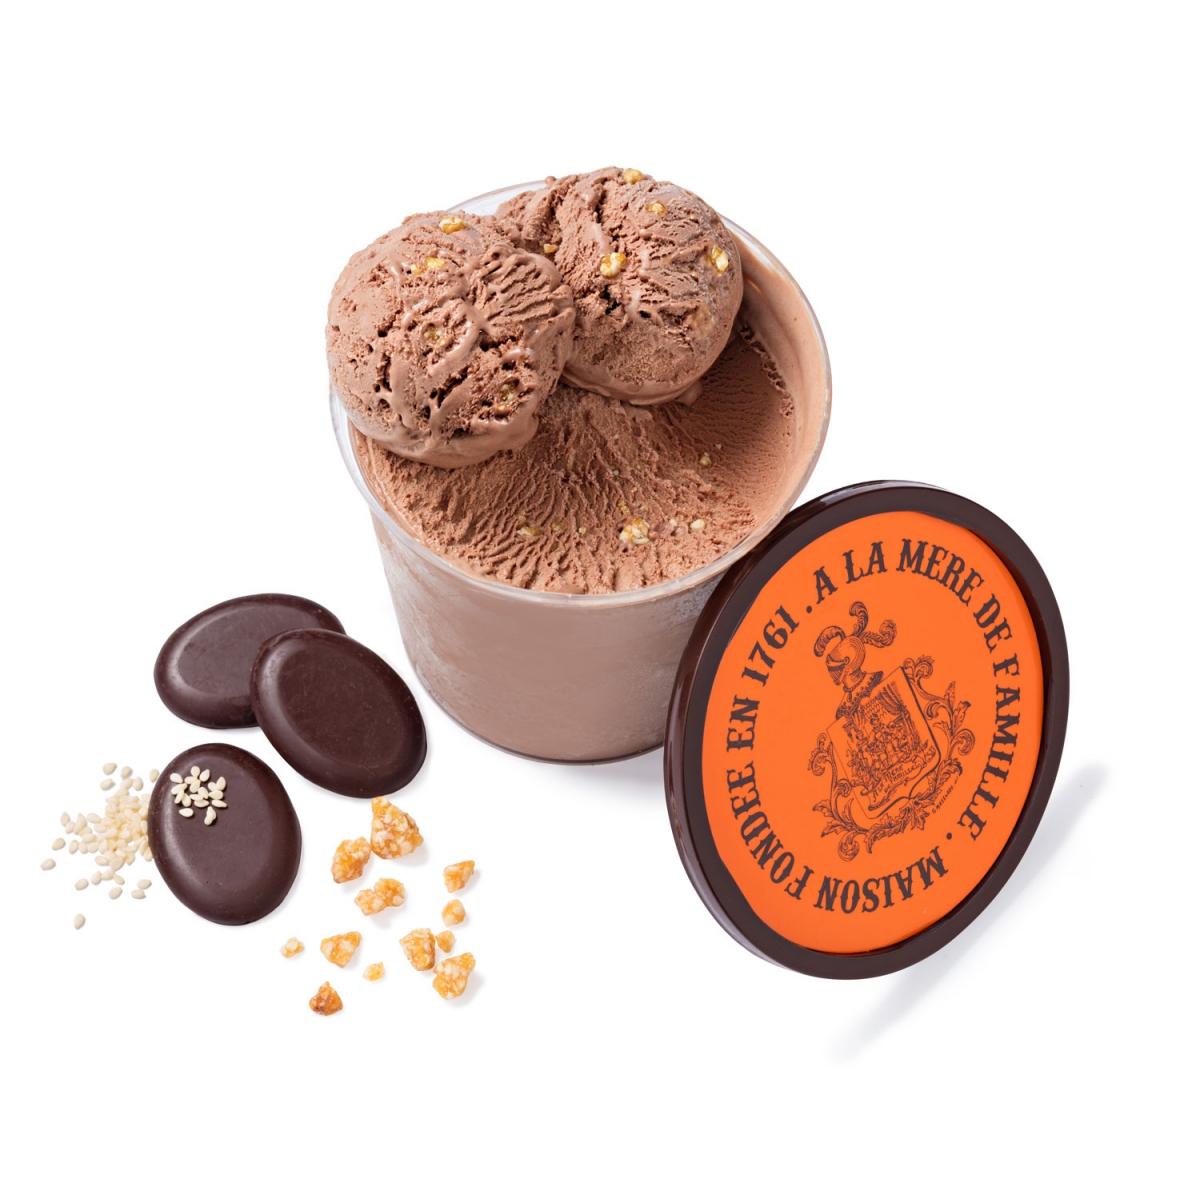 glace chocolat venezuela 70 sesame blanc nougatine - Le plus ancien chocolatier de Paris a imaginé de nouvelles recettes de glaces